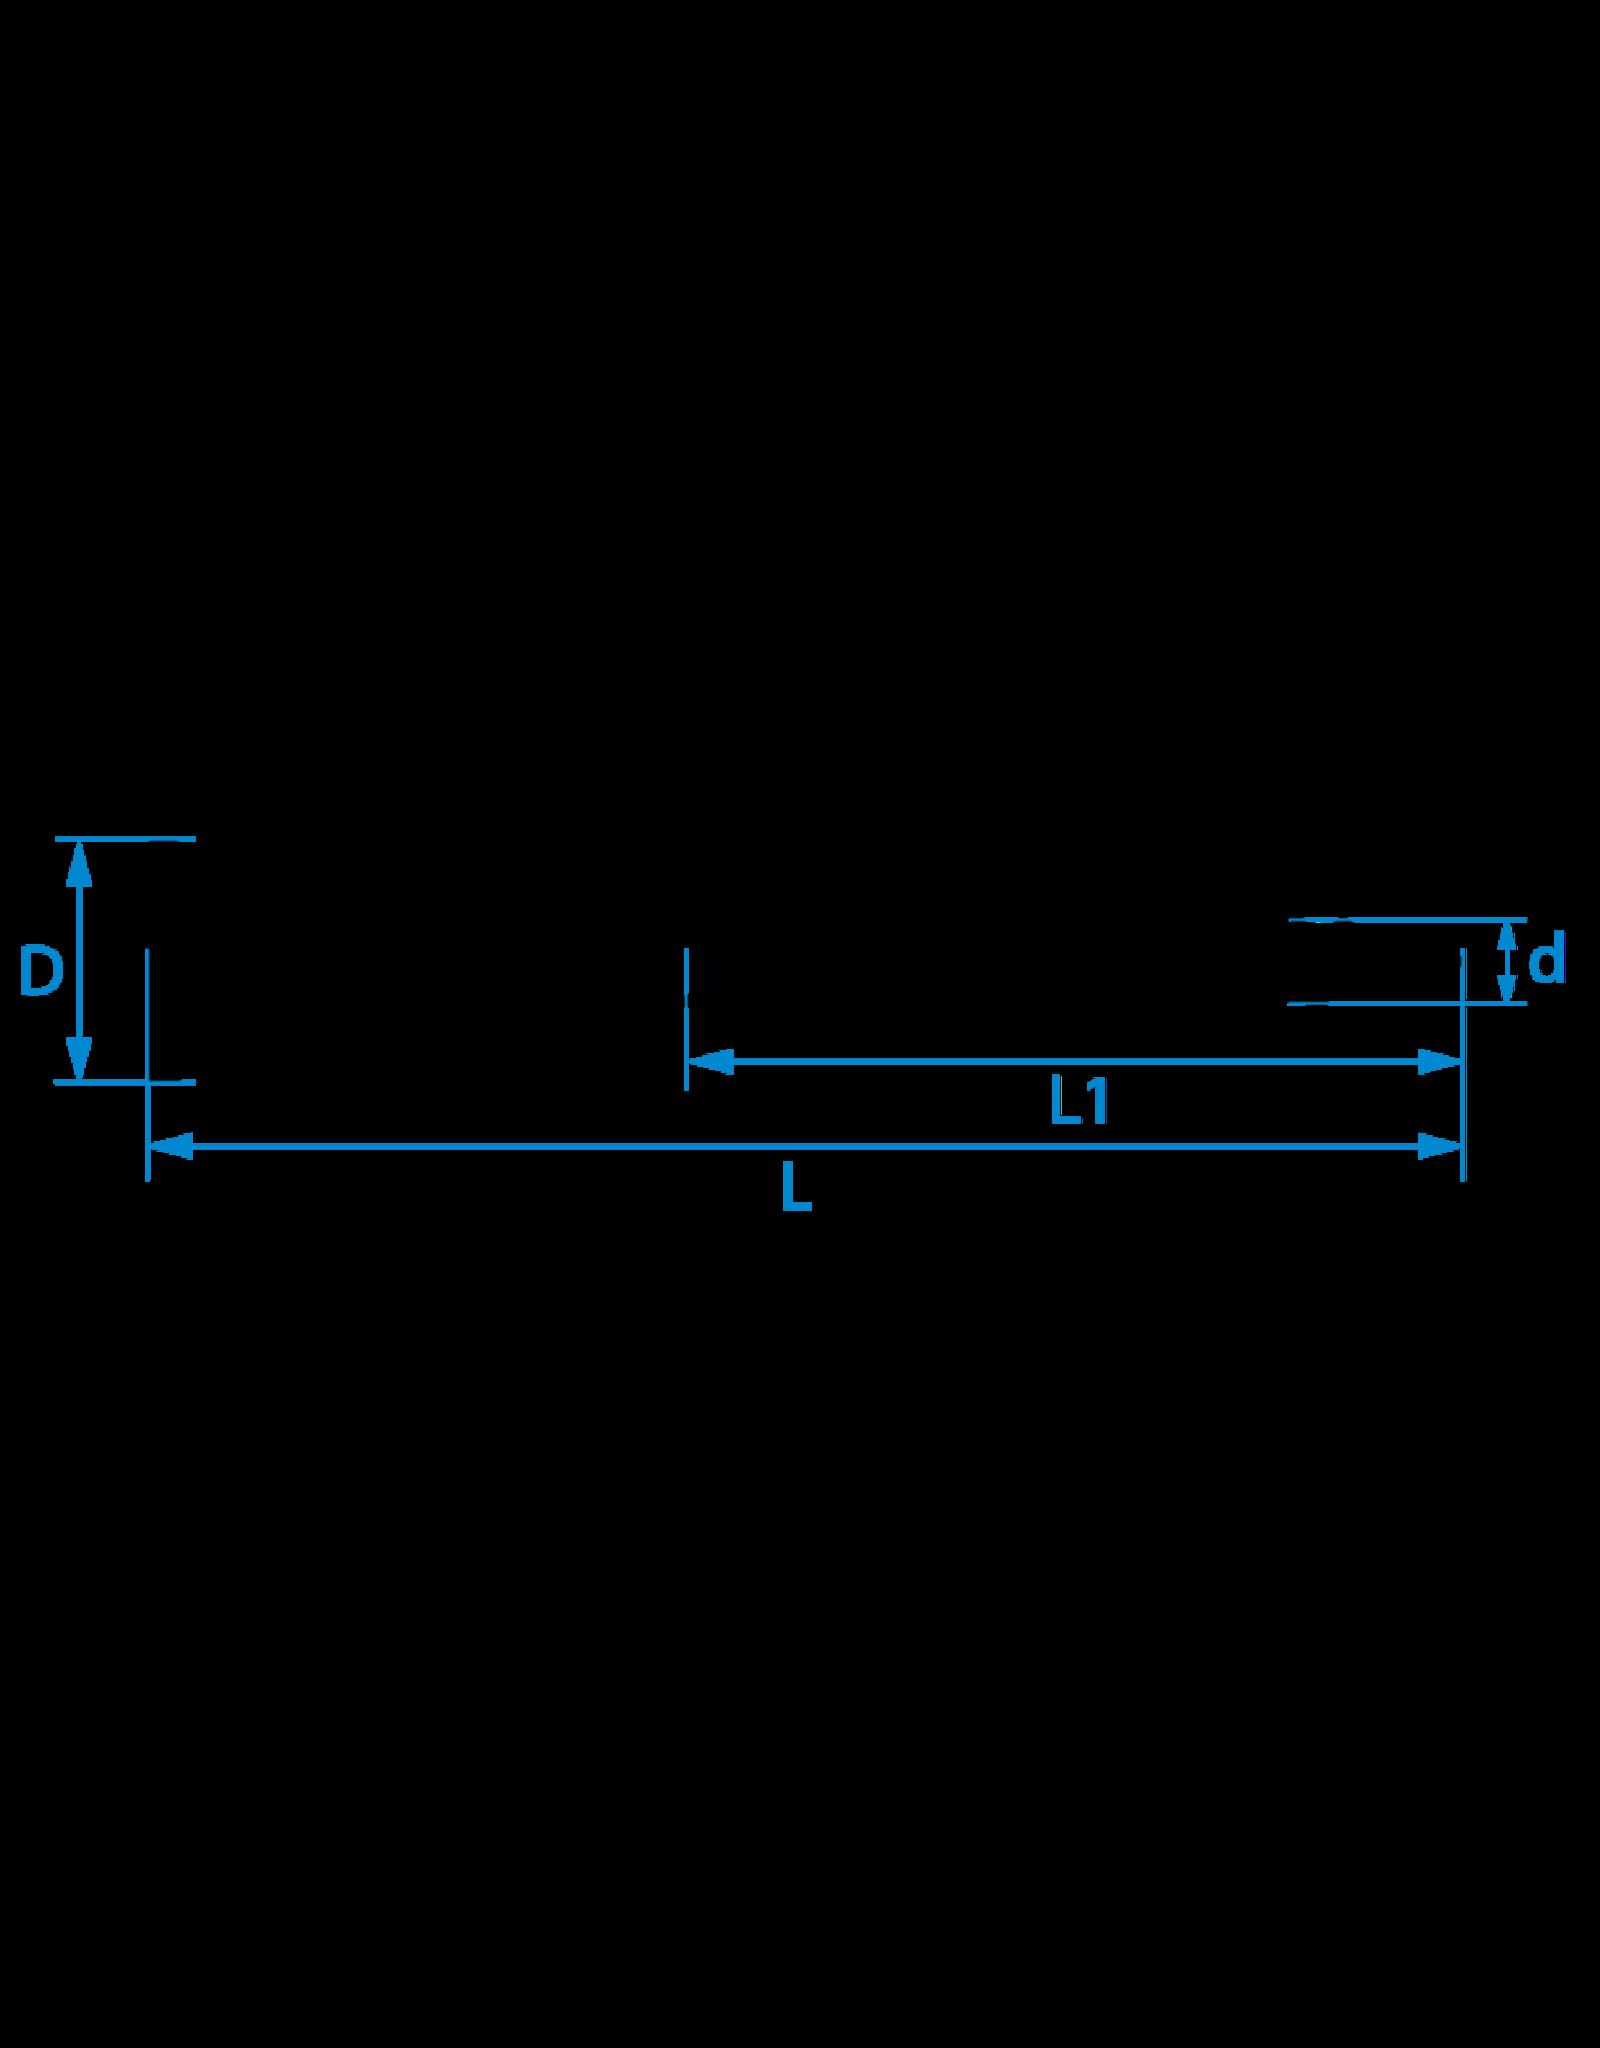 Spaanplaatschroeven platkop 5.0x35 TX-25 staal gehard verzinkt per 200 stuks